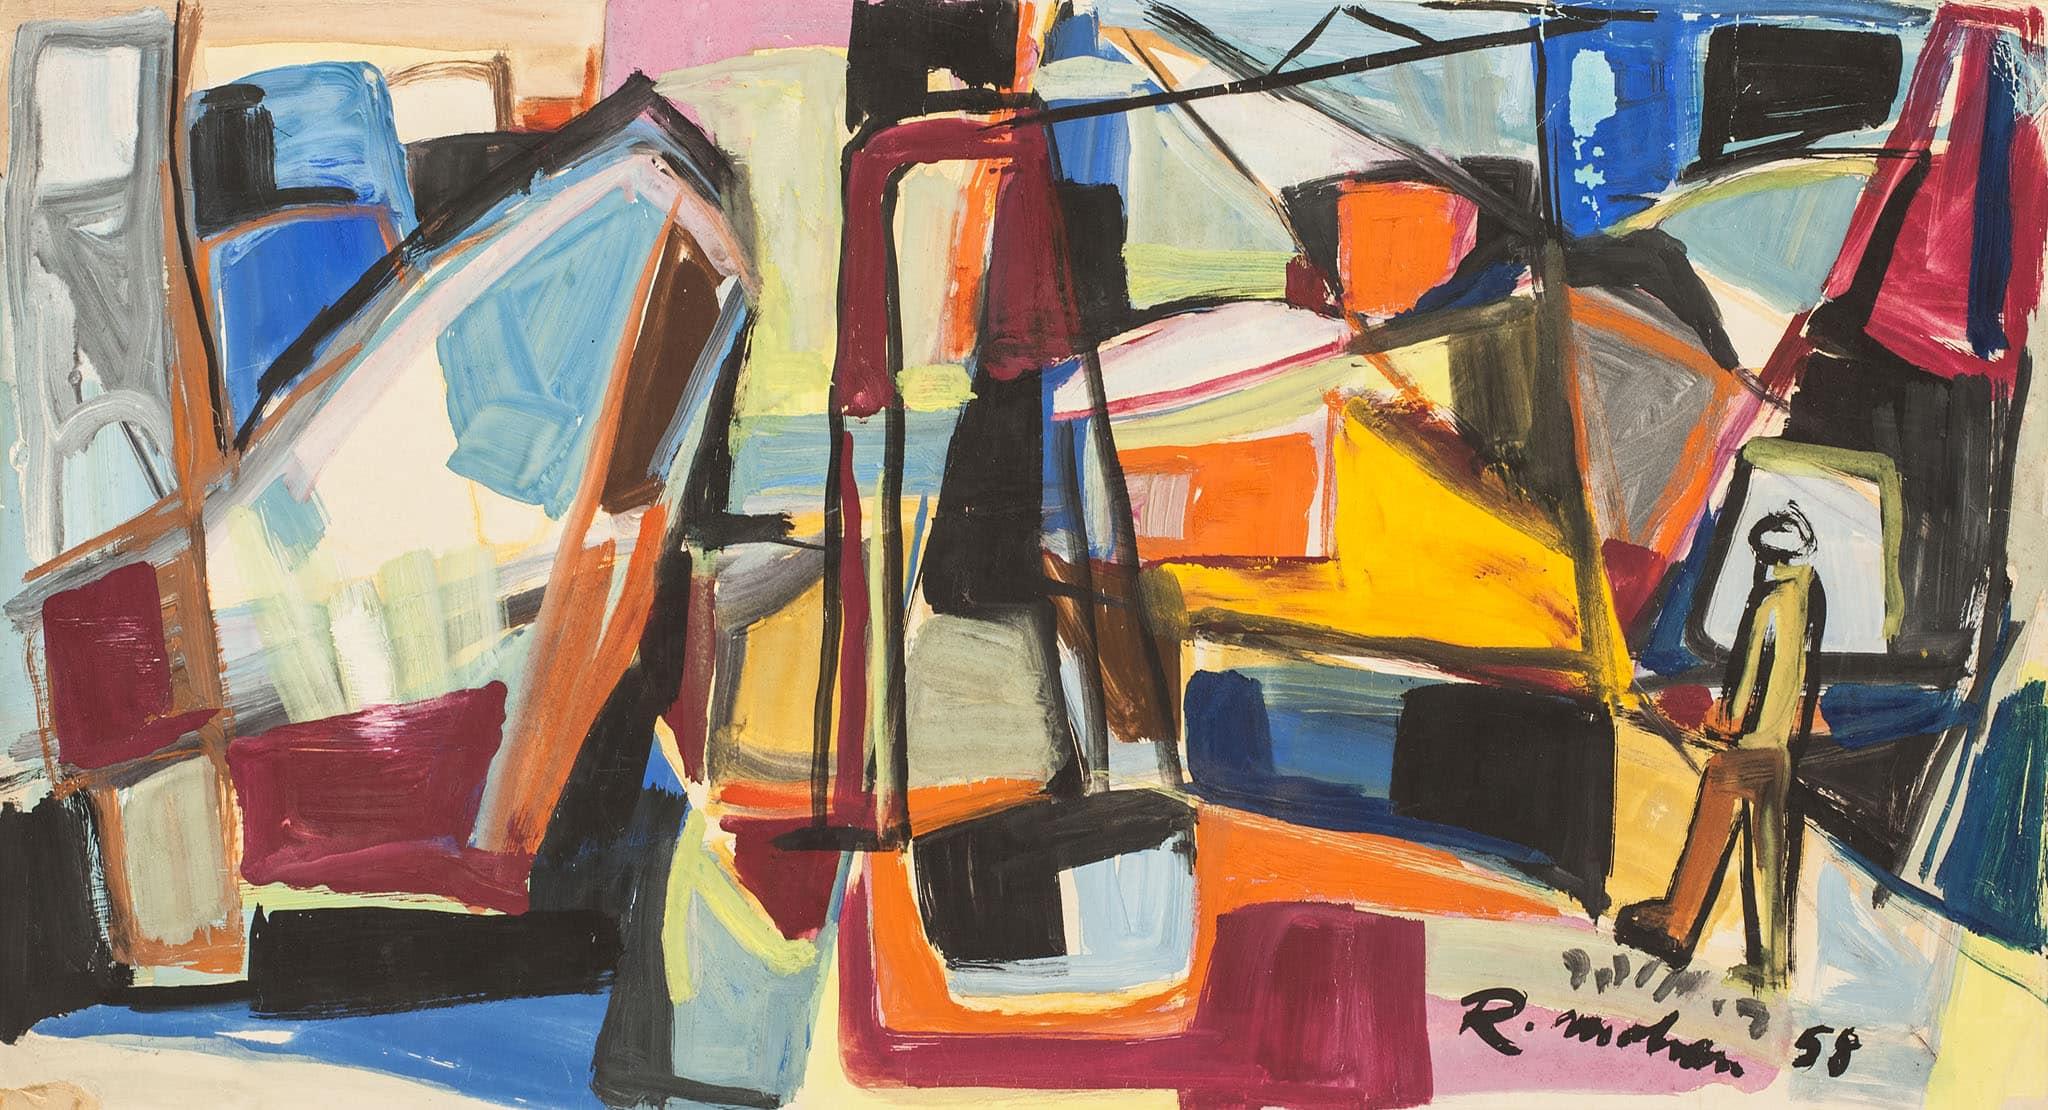 """רפאל מוהר, """"דמות בנמל"""", 1958, גואש על קרטון, 59x32 ס""""מ"""